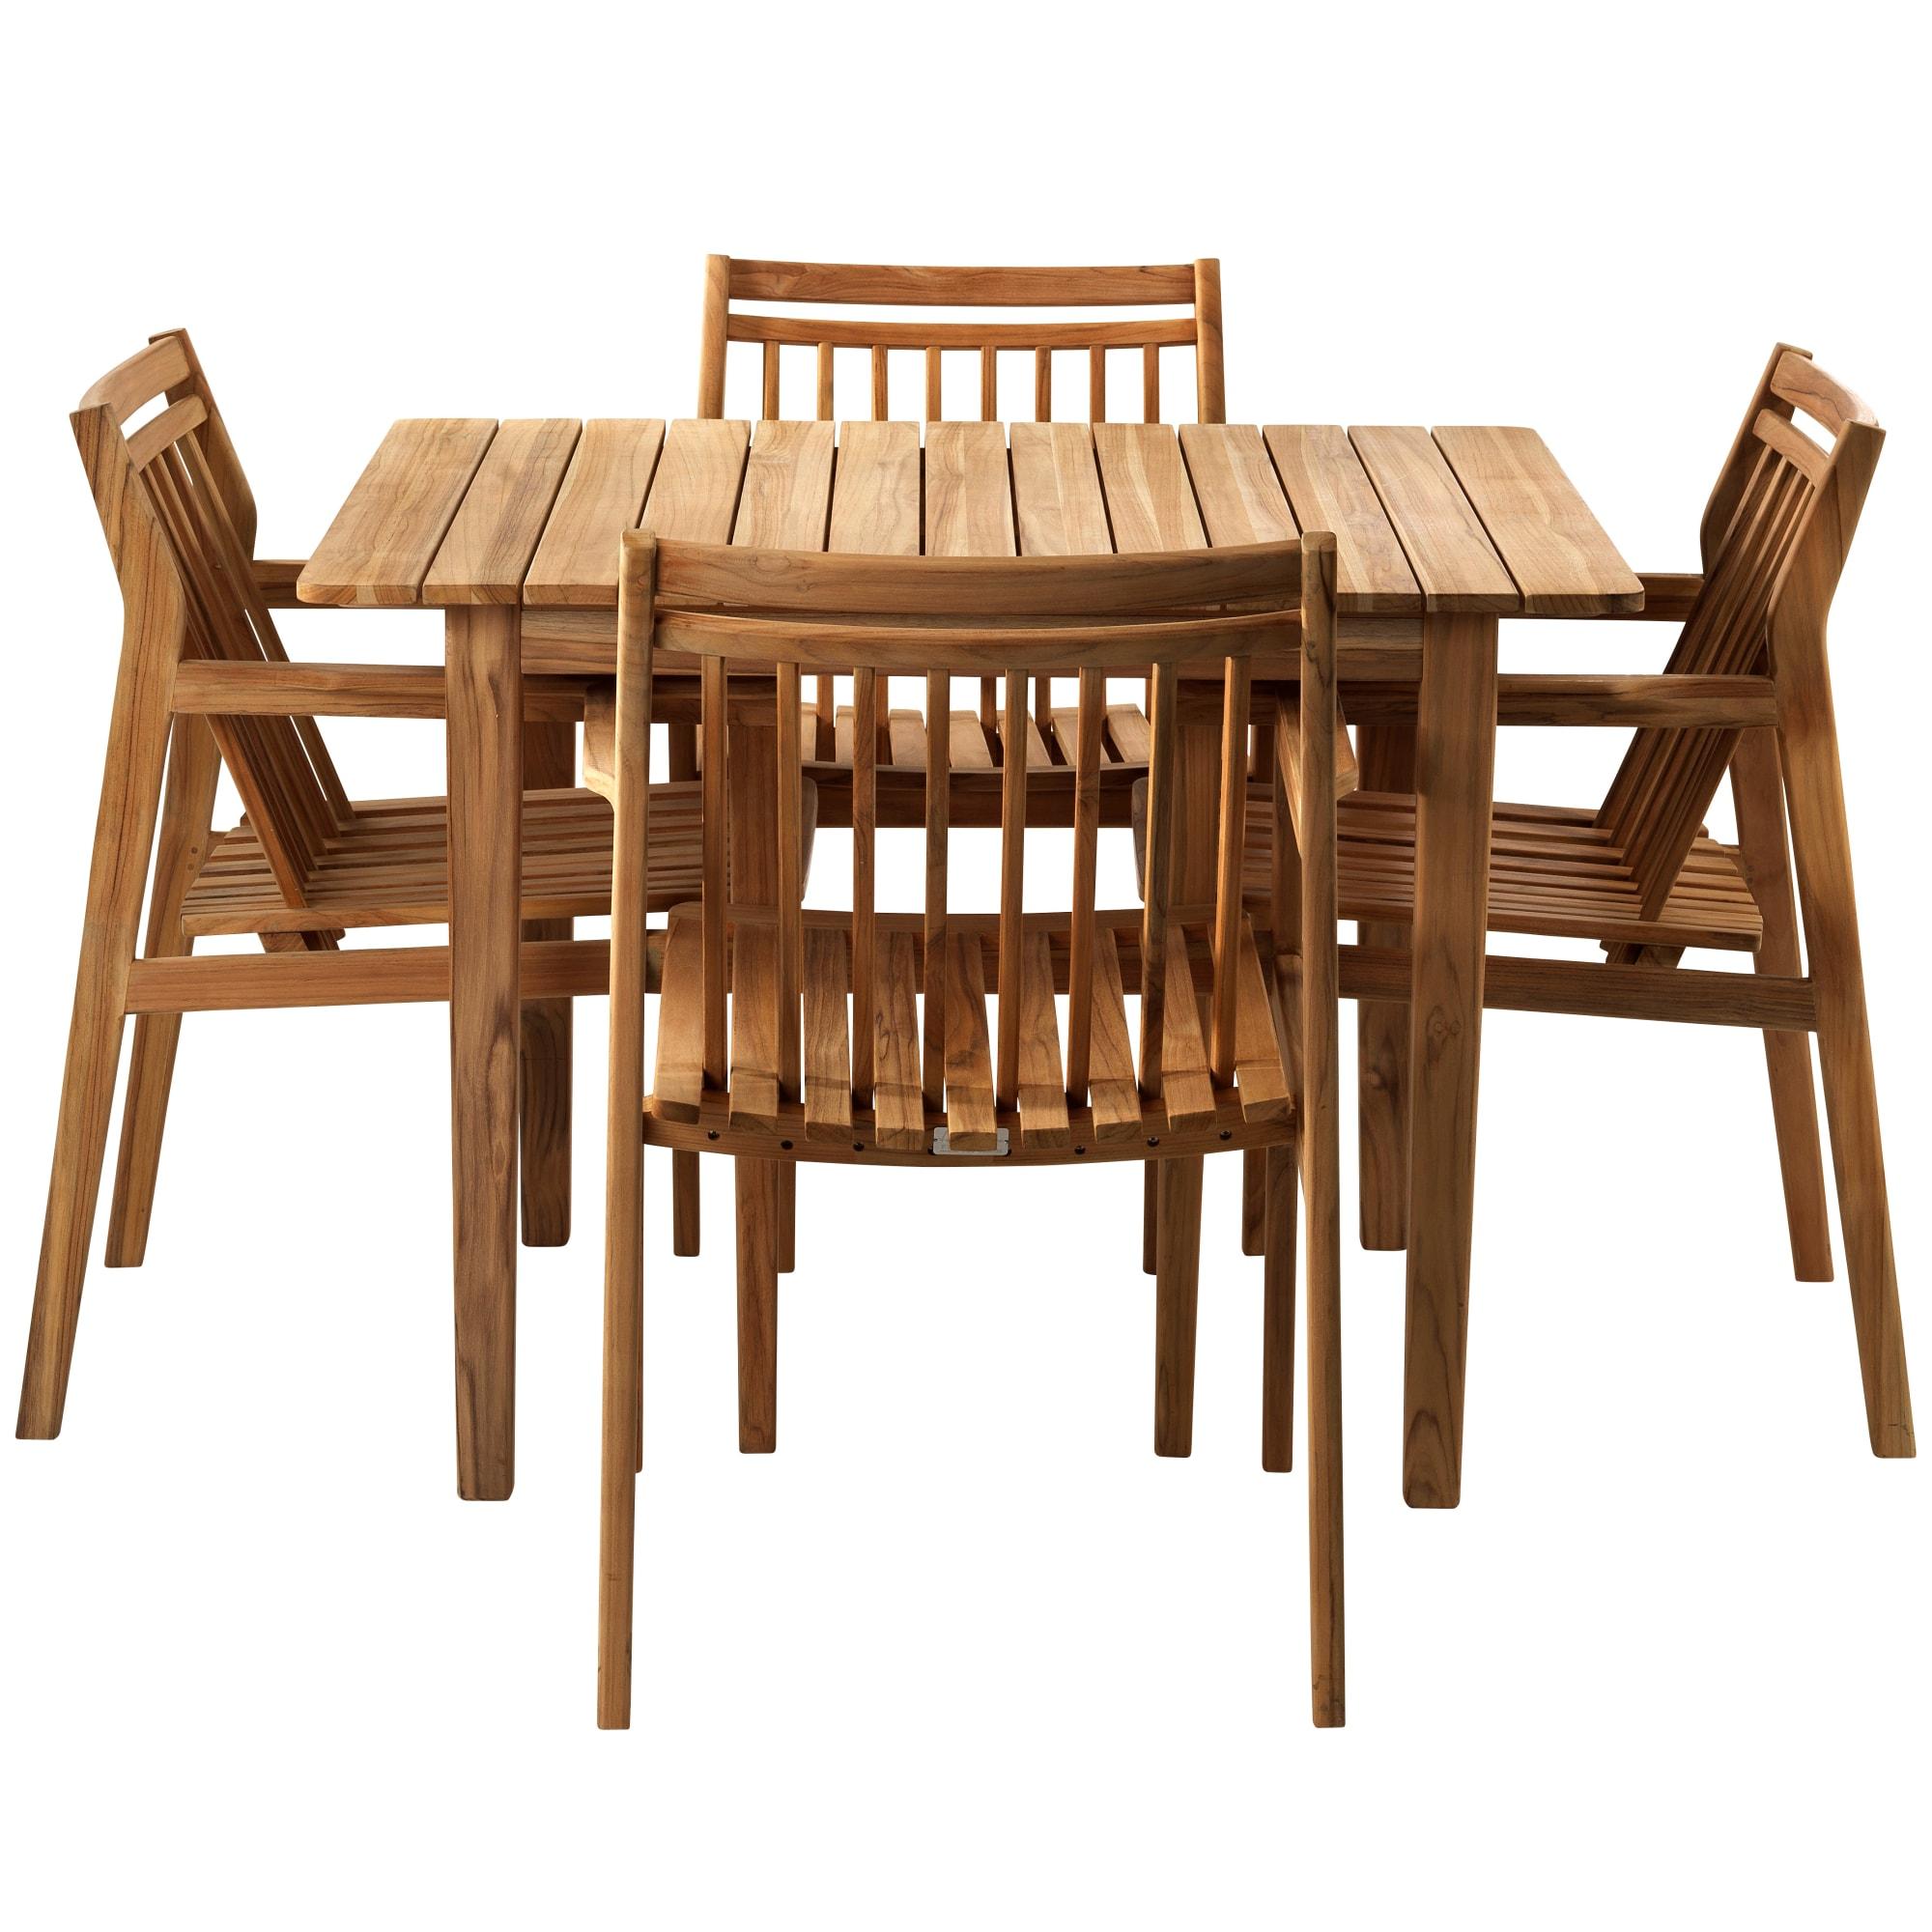 FDB Møbler - Udtræksbord og 4 stole i teak